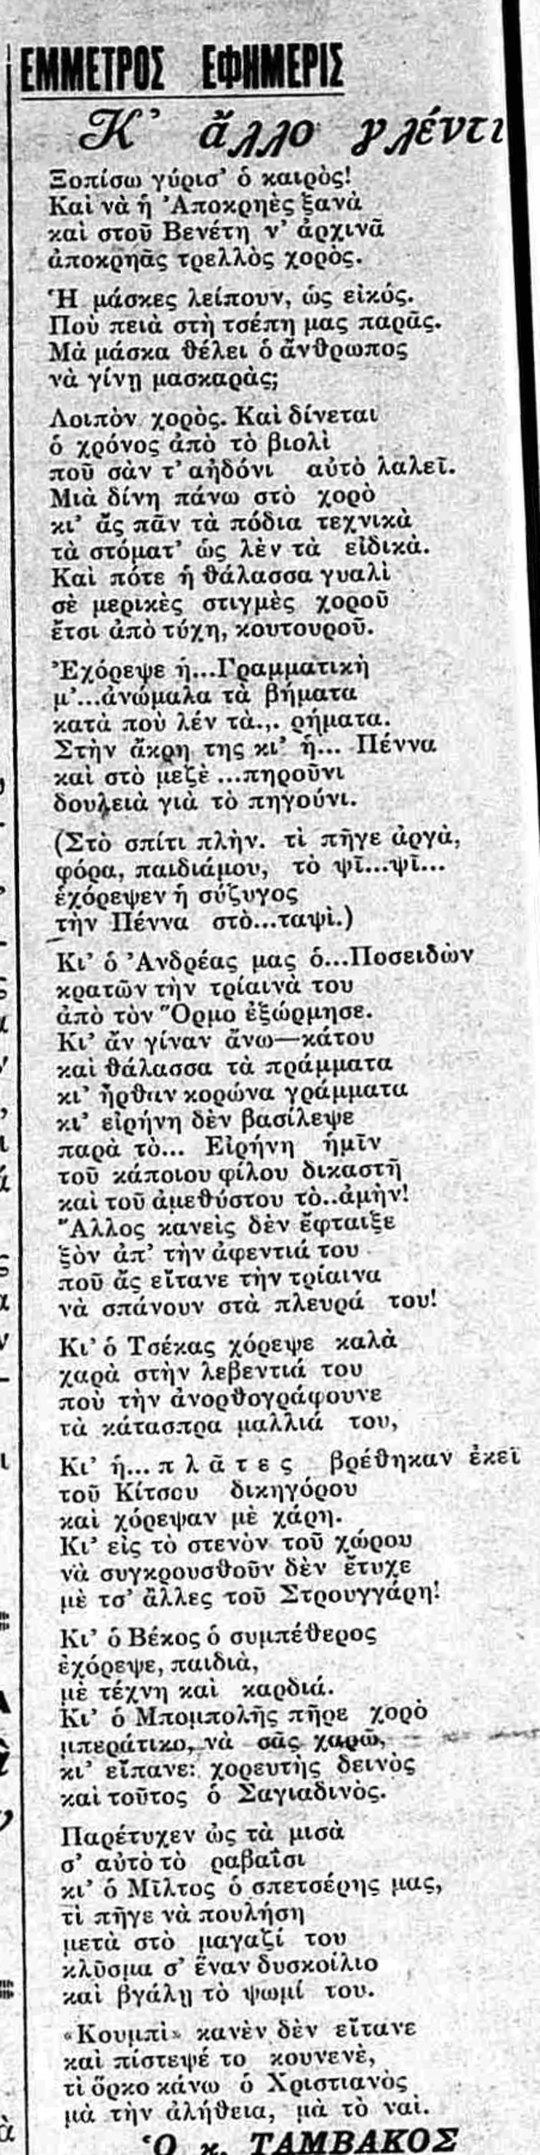 1931_022 εμετρο